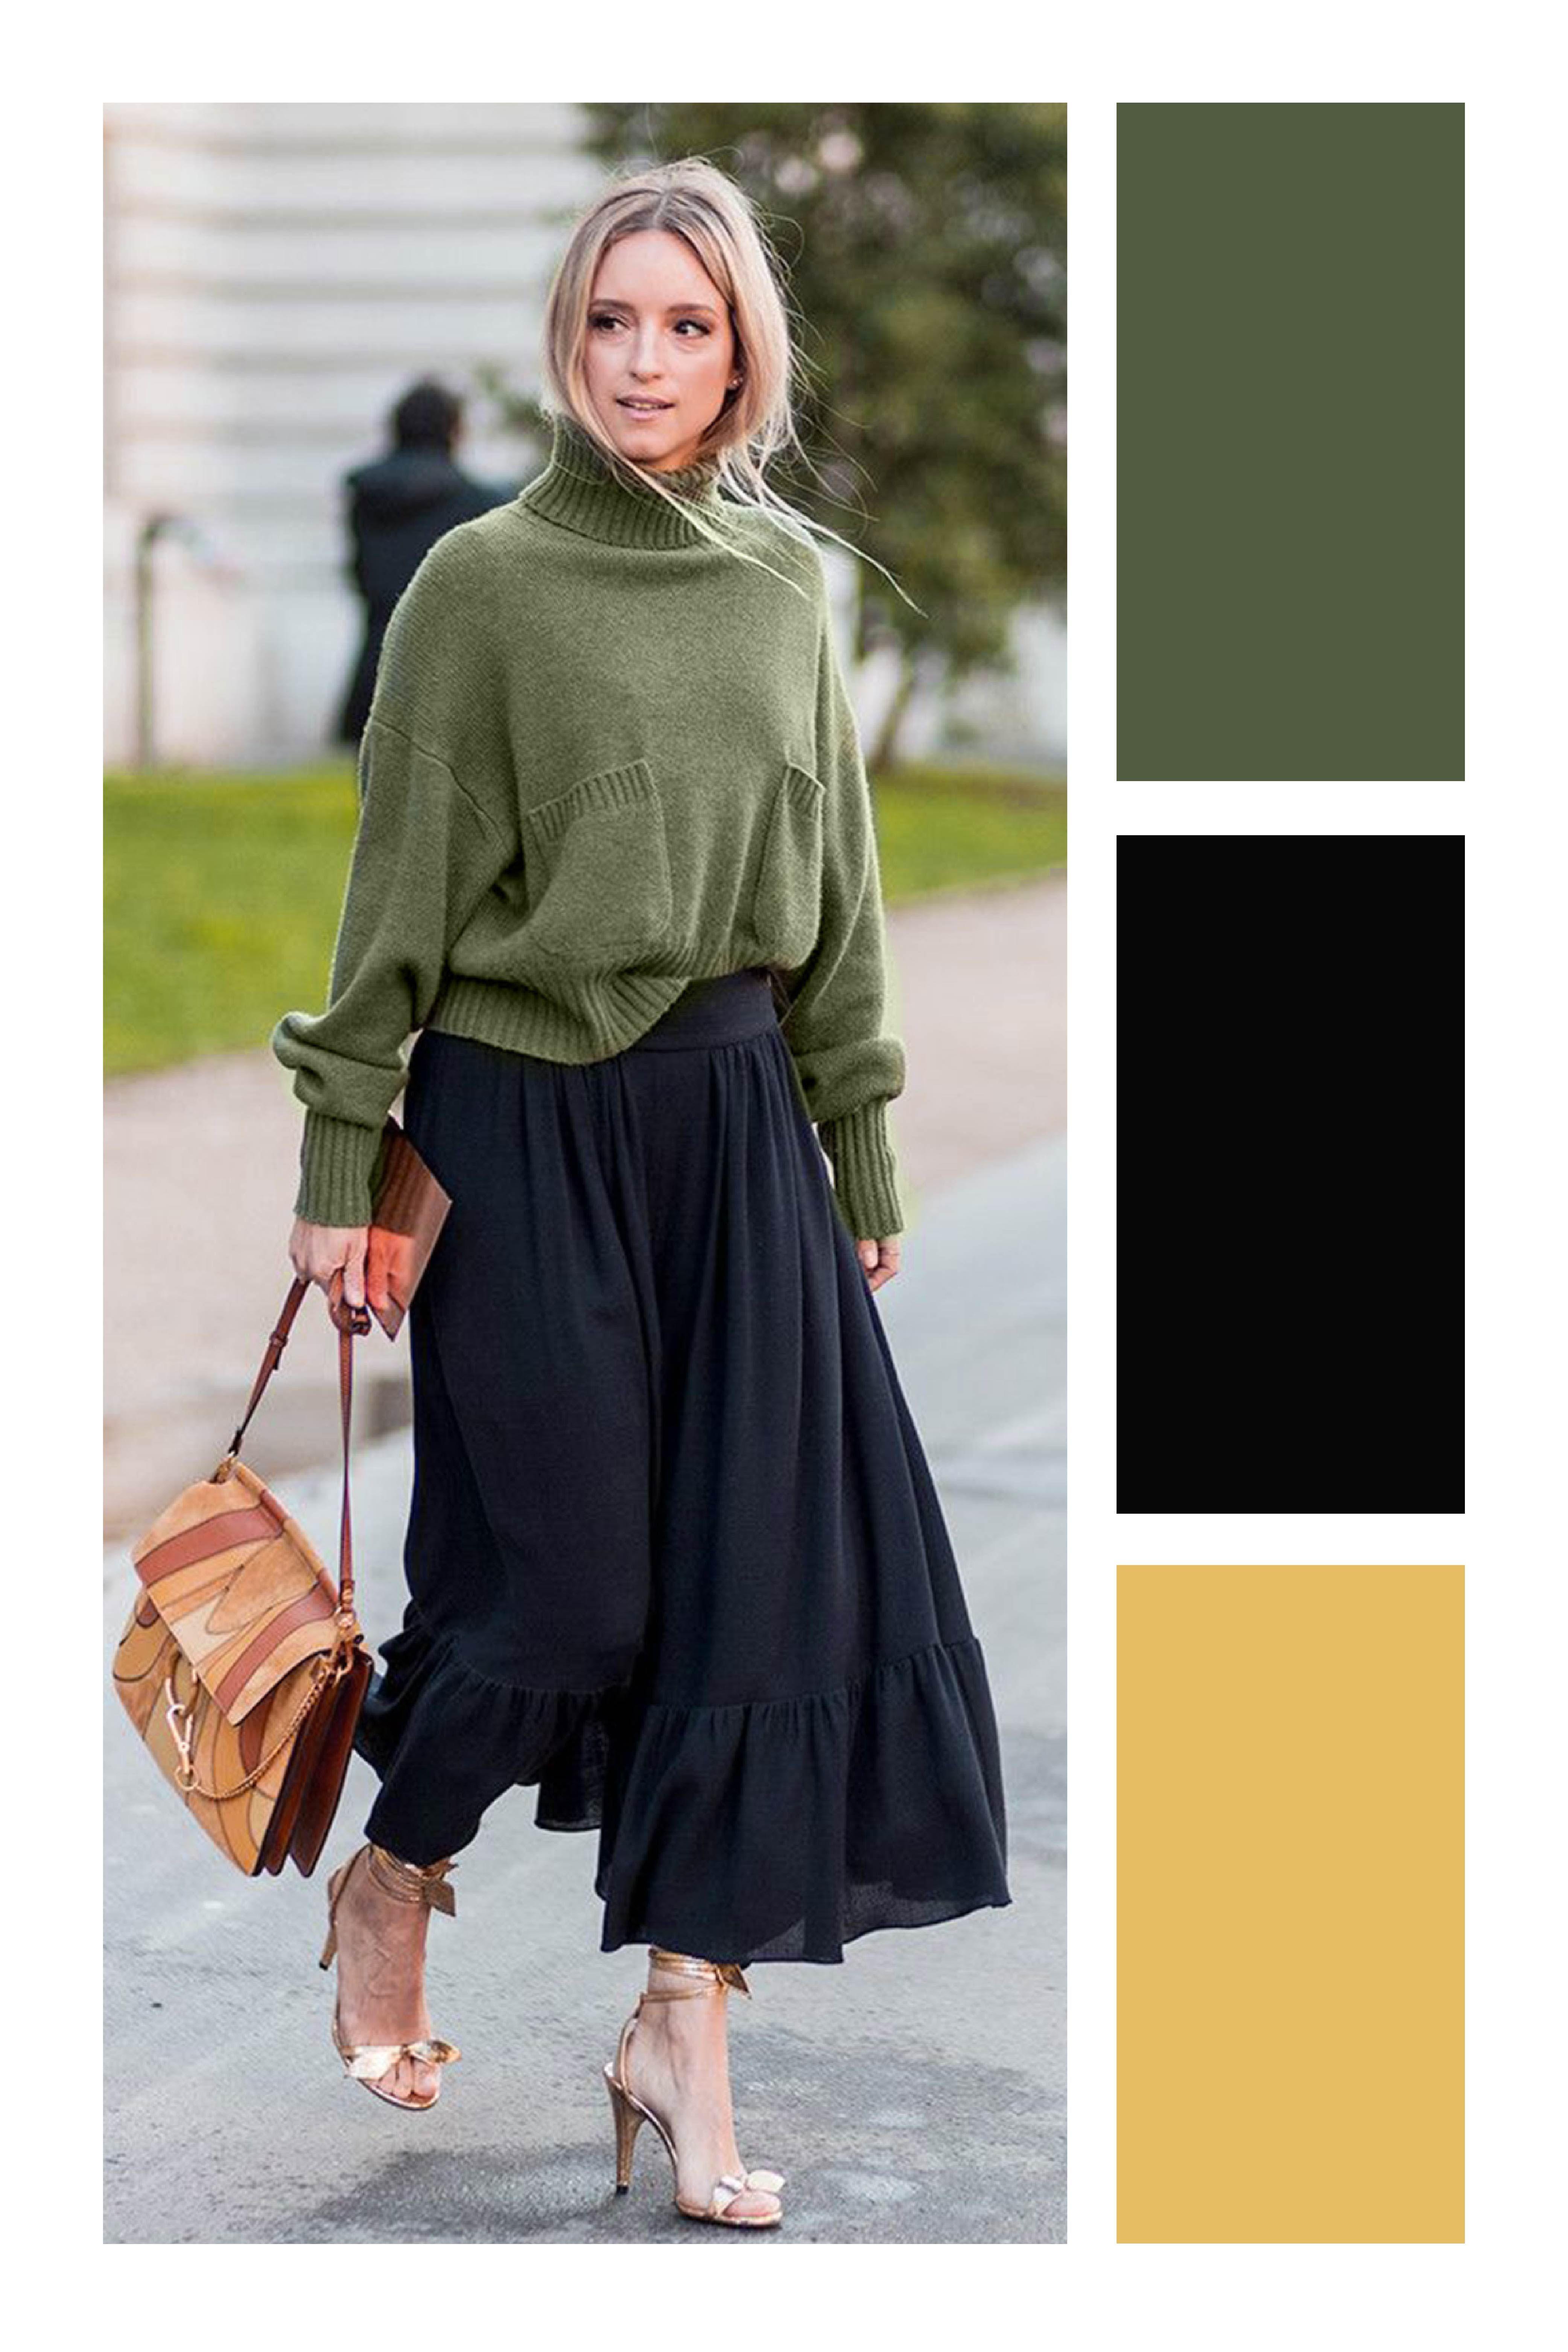 Cómo Combinar El Color Verde Militar In 2019 Vestuario Color